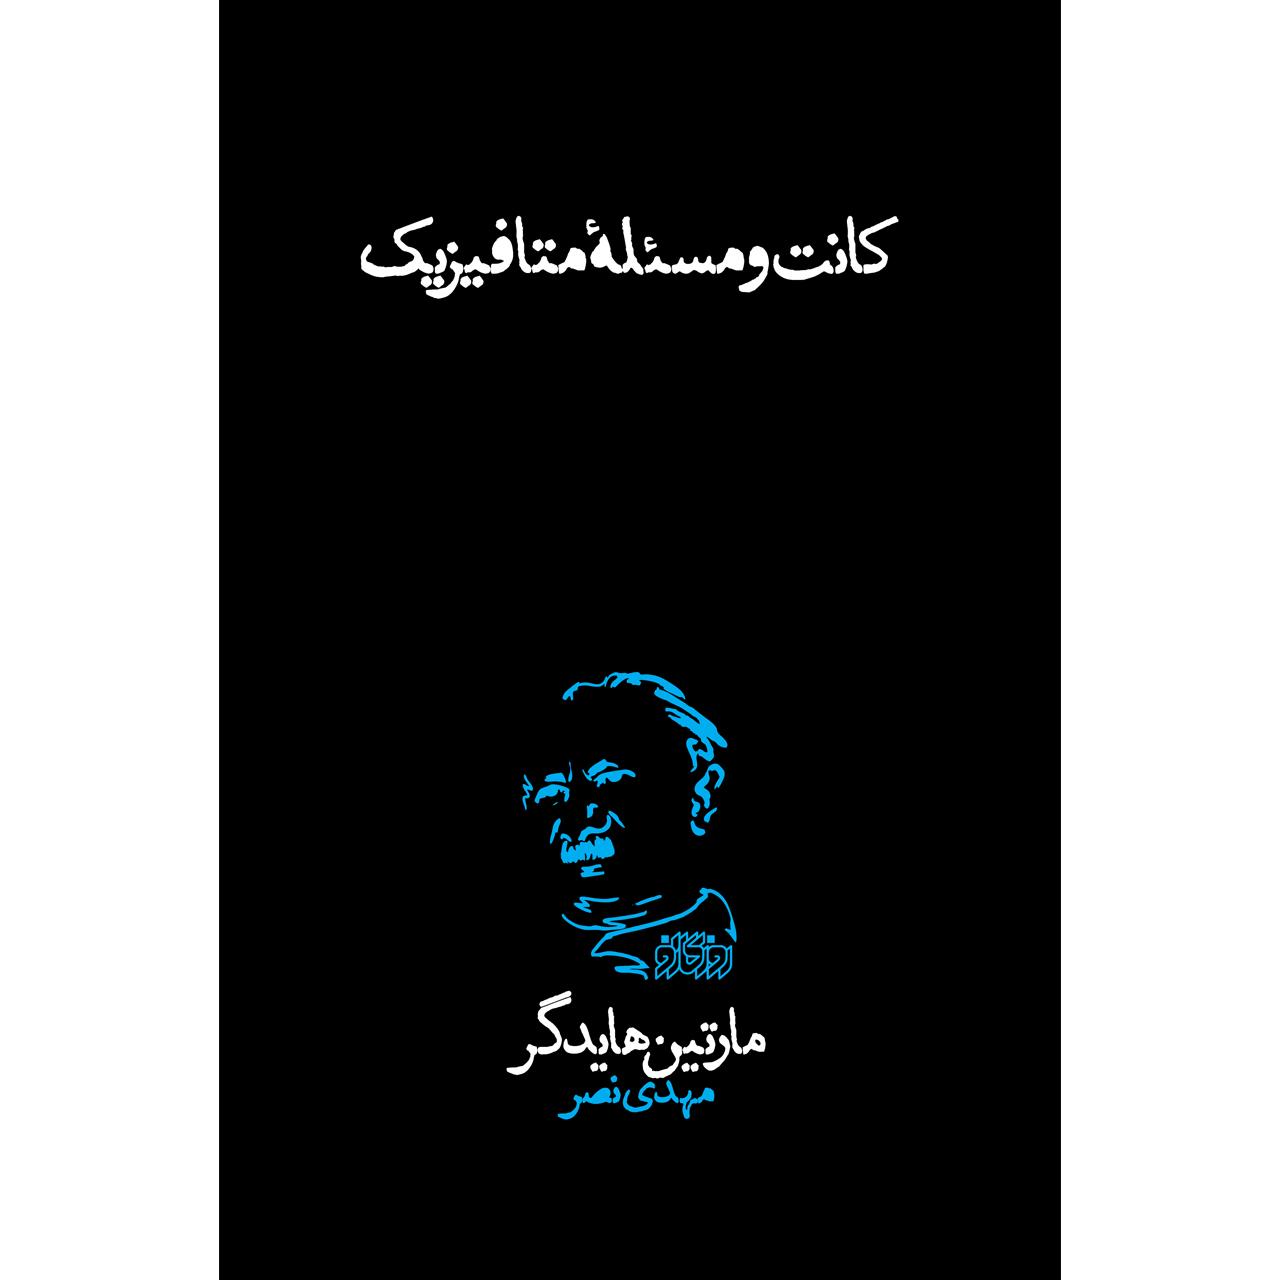 کتاب کانت و مسئله متافیزیک اثر مارتین هایدگر نشر پگاه روزگار نو